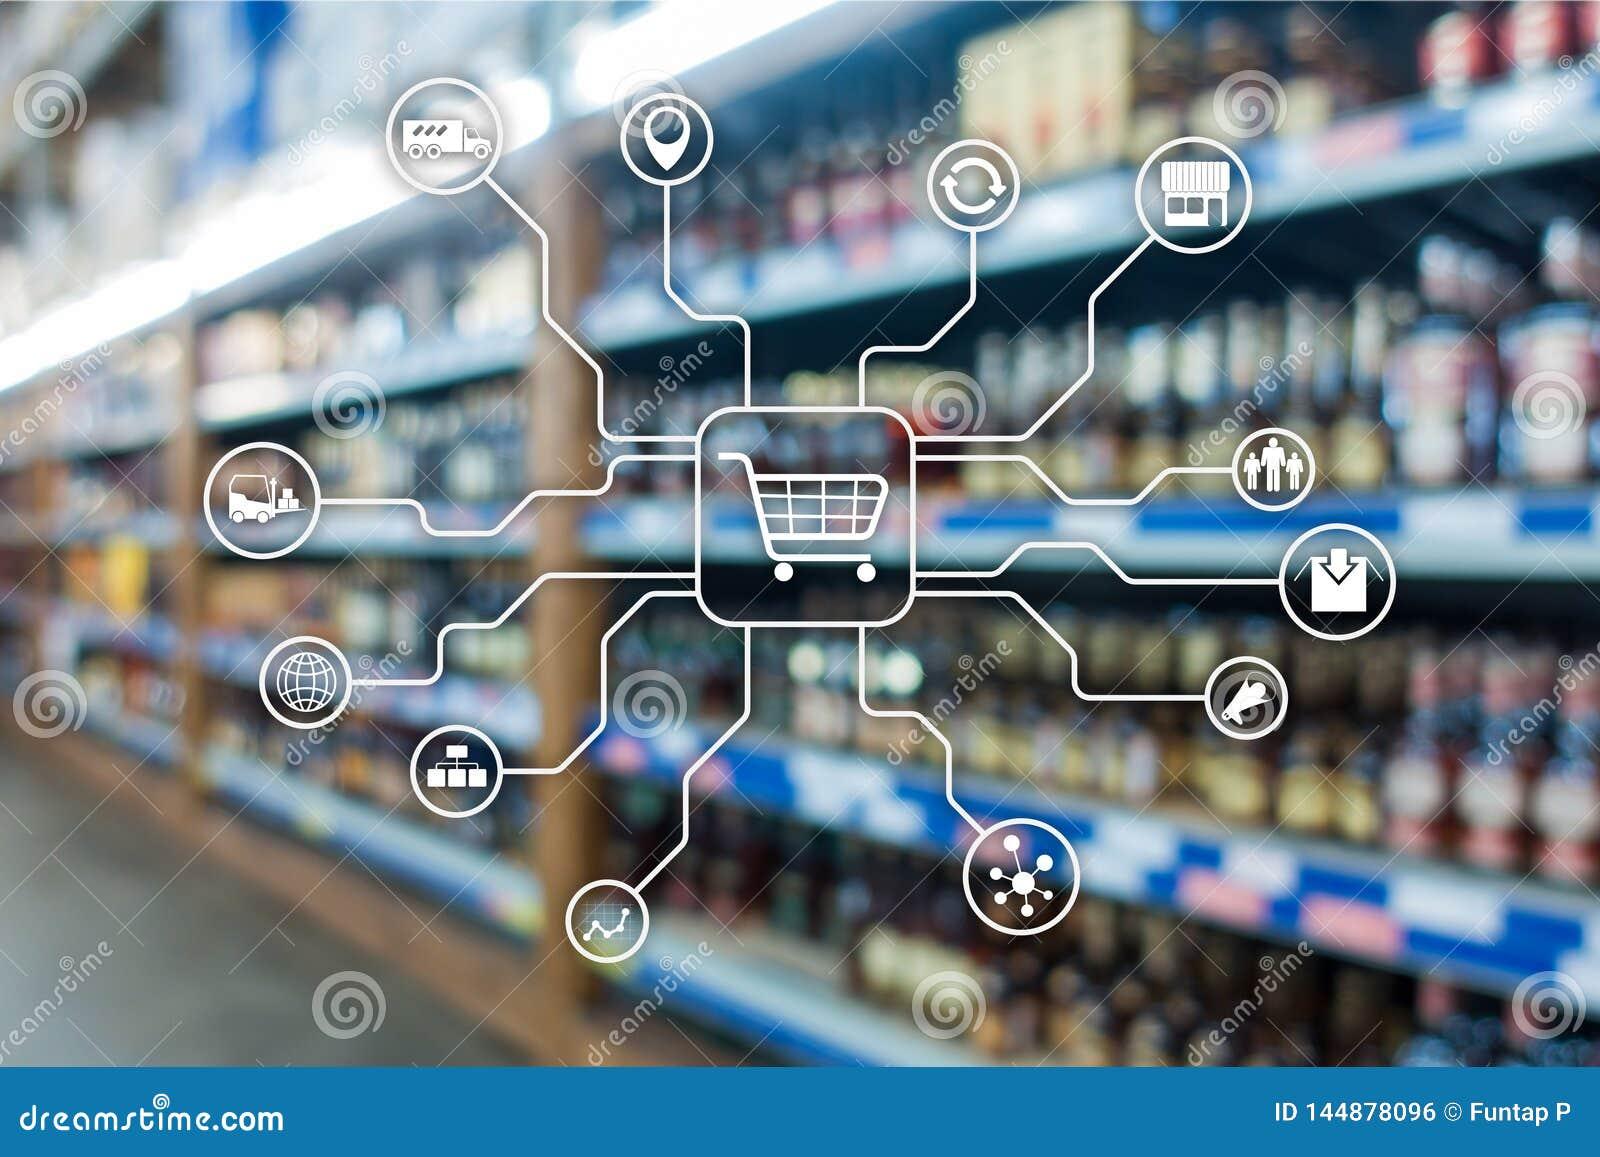 Kleinhandels marketing kanalene-commerce het Winkelen automatiseringsconcept op vage supermarktachtergrond